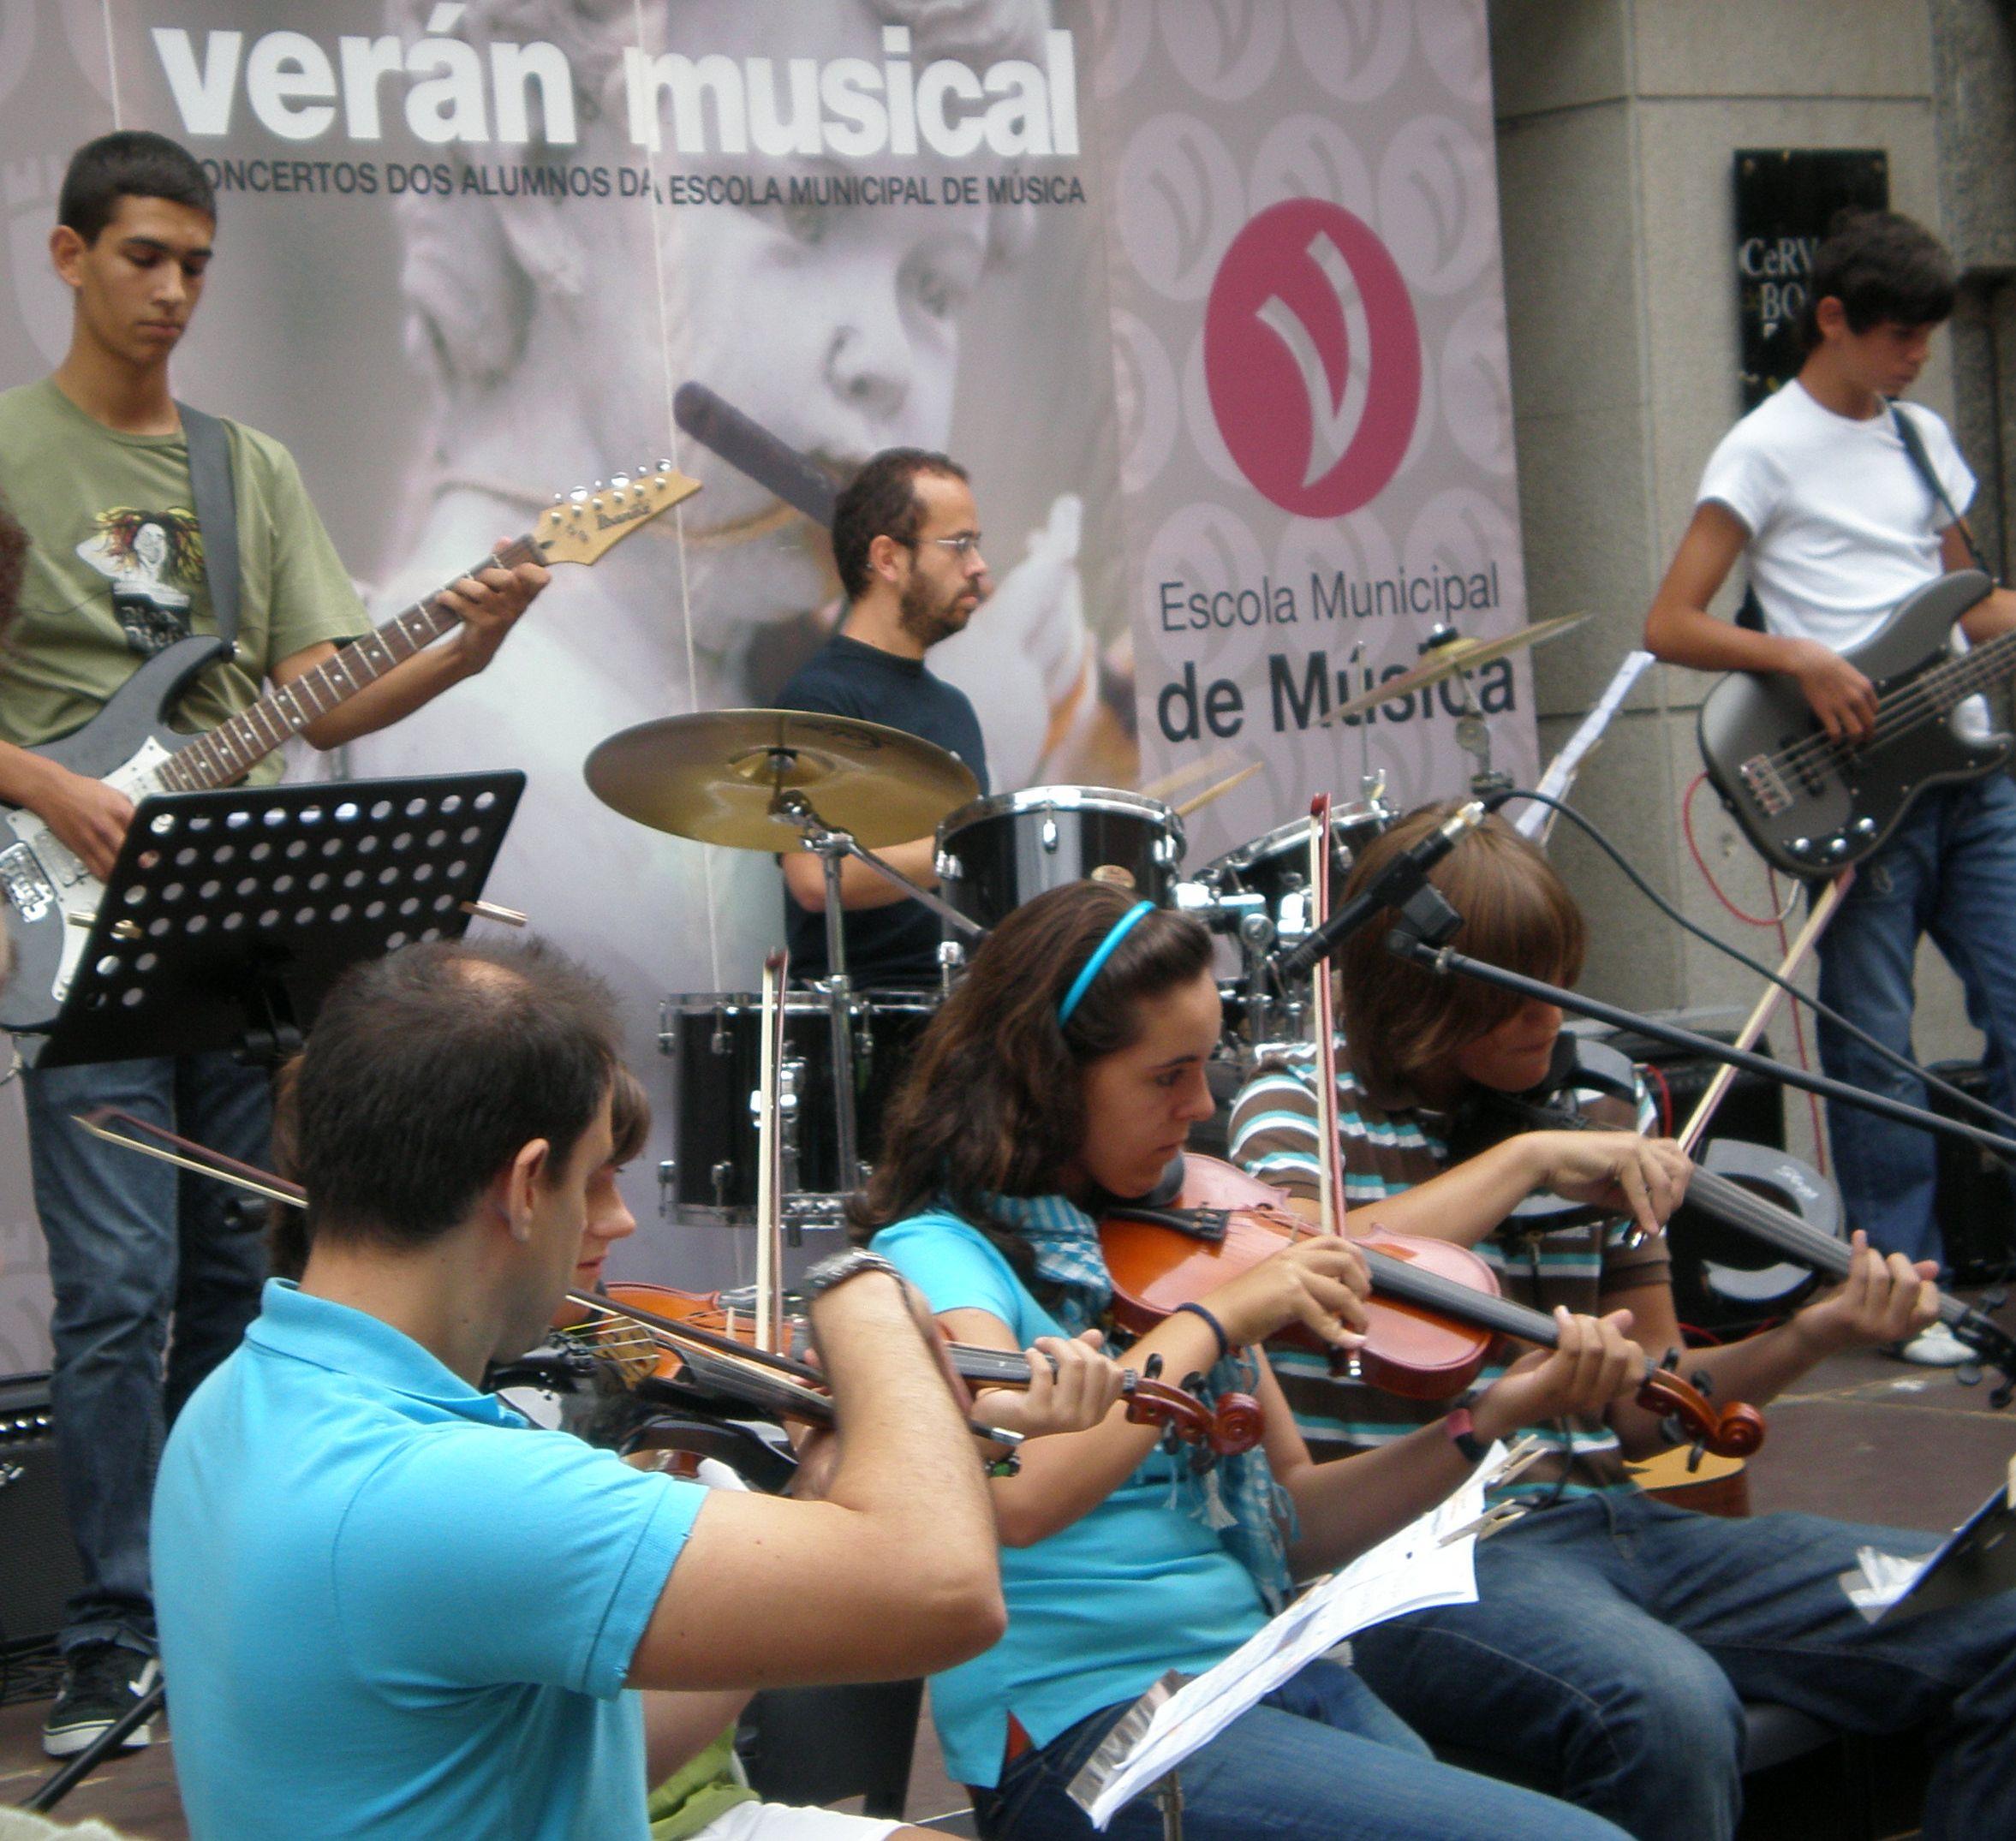 veran-musical-08-violins